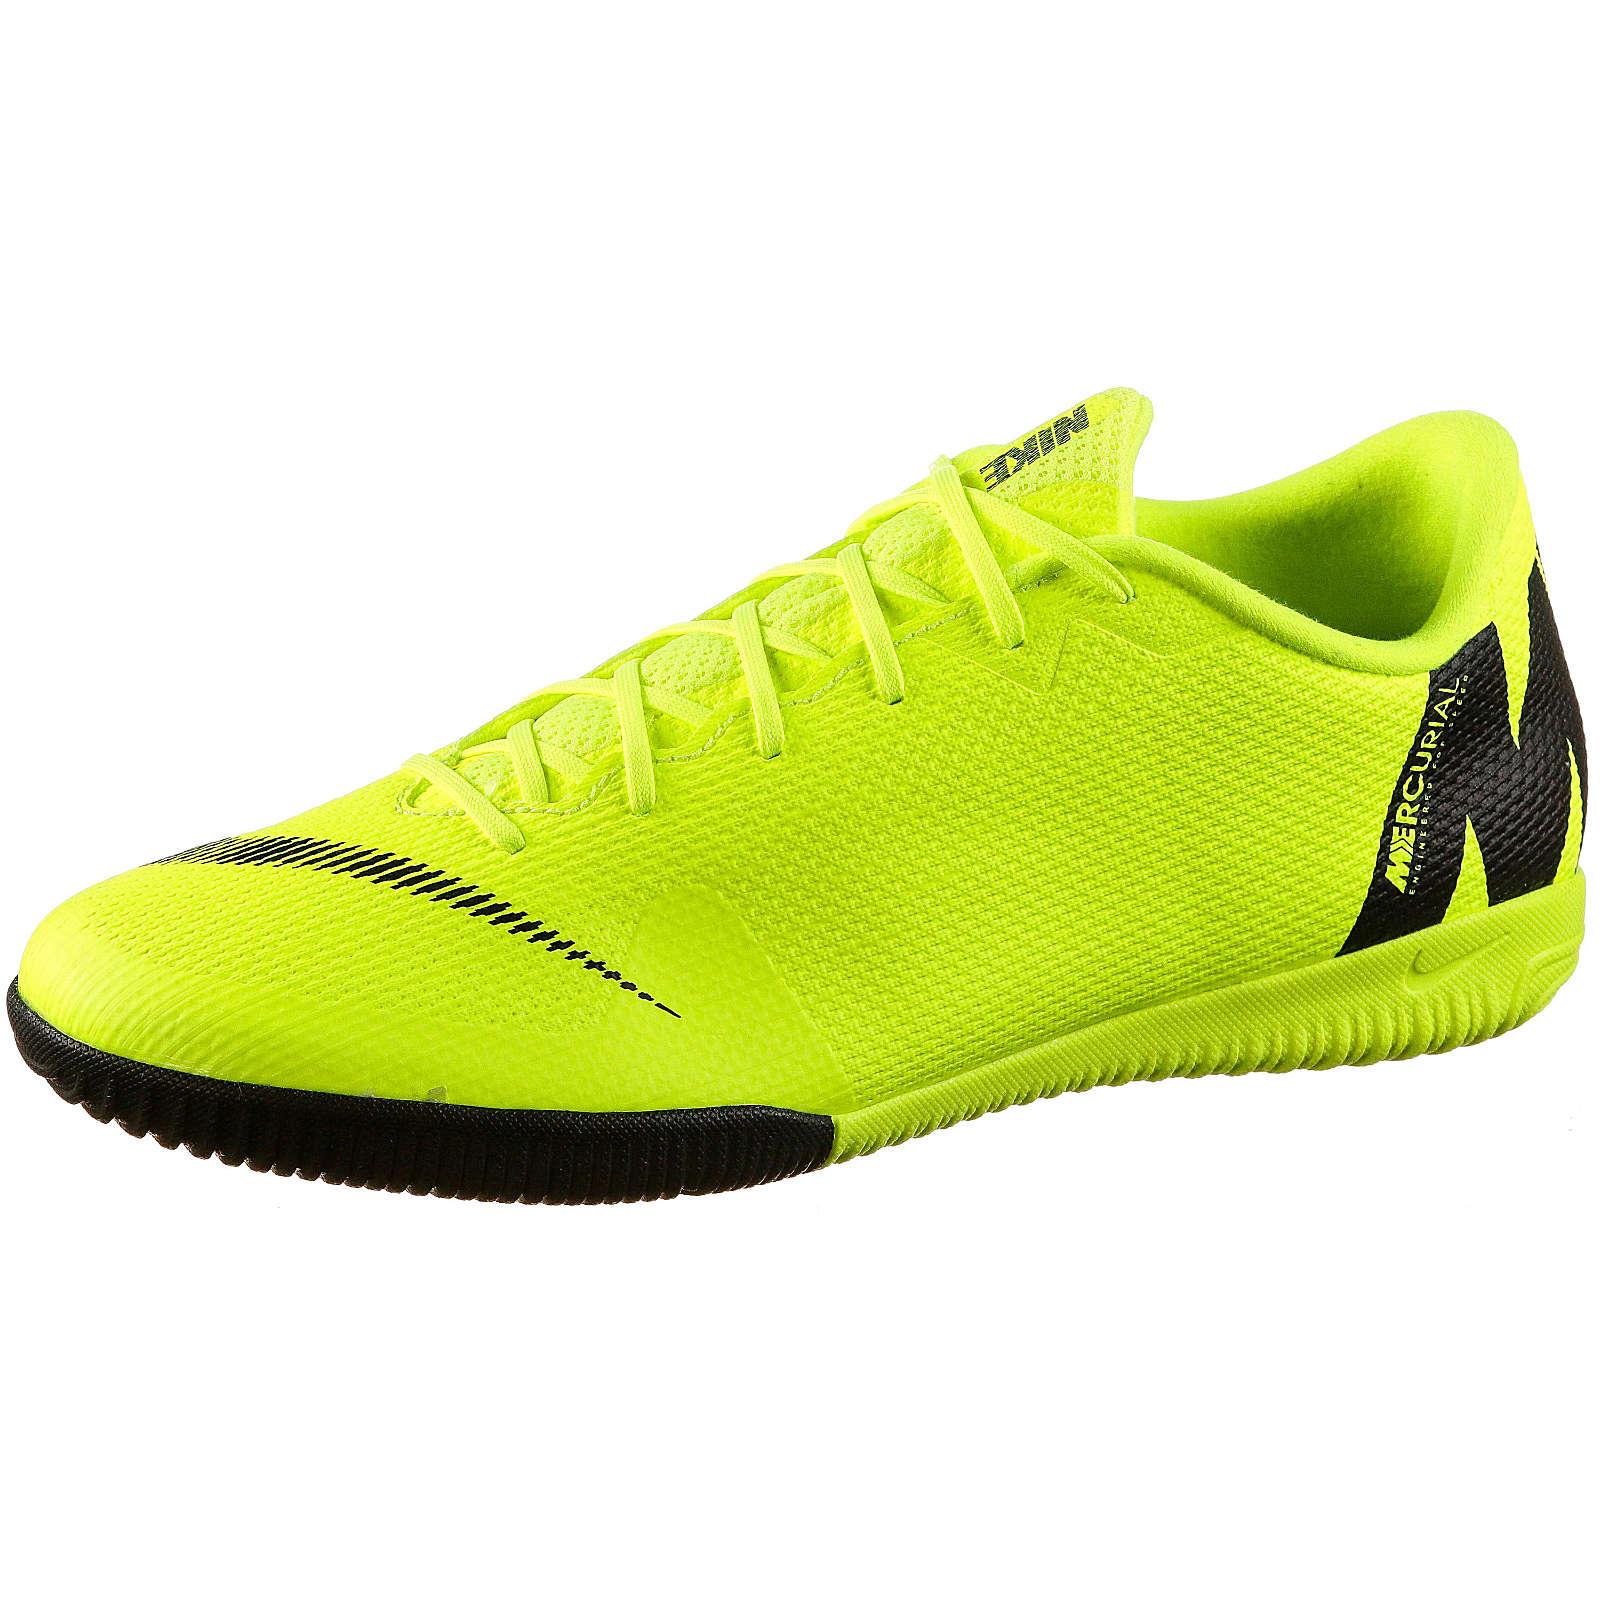 Nike Performance Fußballschuhe MERCURIAL VAPORX 12 ACADEMY IC Fußballschuhe gelb Damen Gr. 39